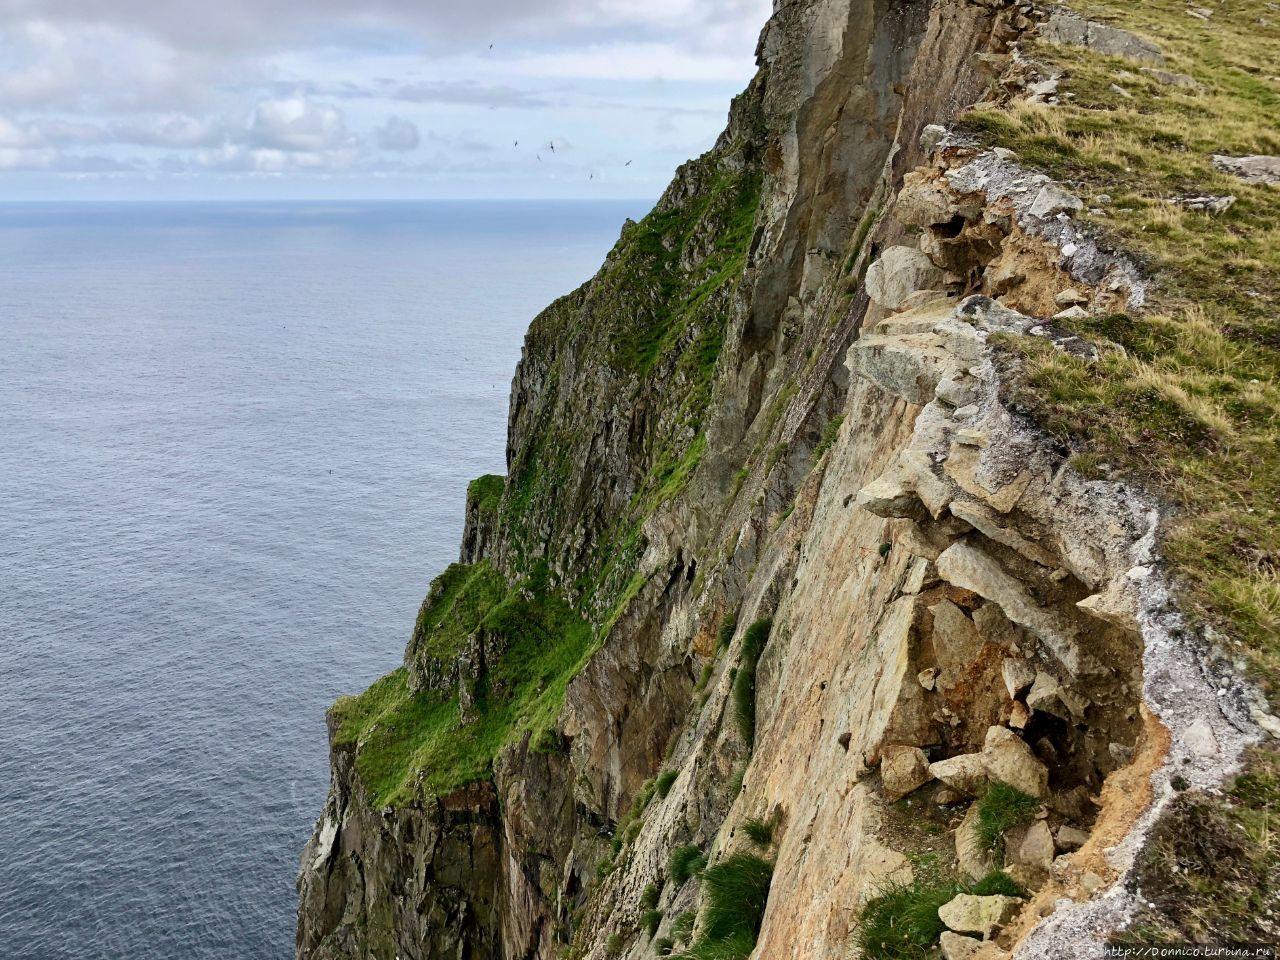 Последняя тайна Европы: Сент-Килда под тенью Пингвинуса Остров Хирта, архипелаг Сент-Килда, Великобритания